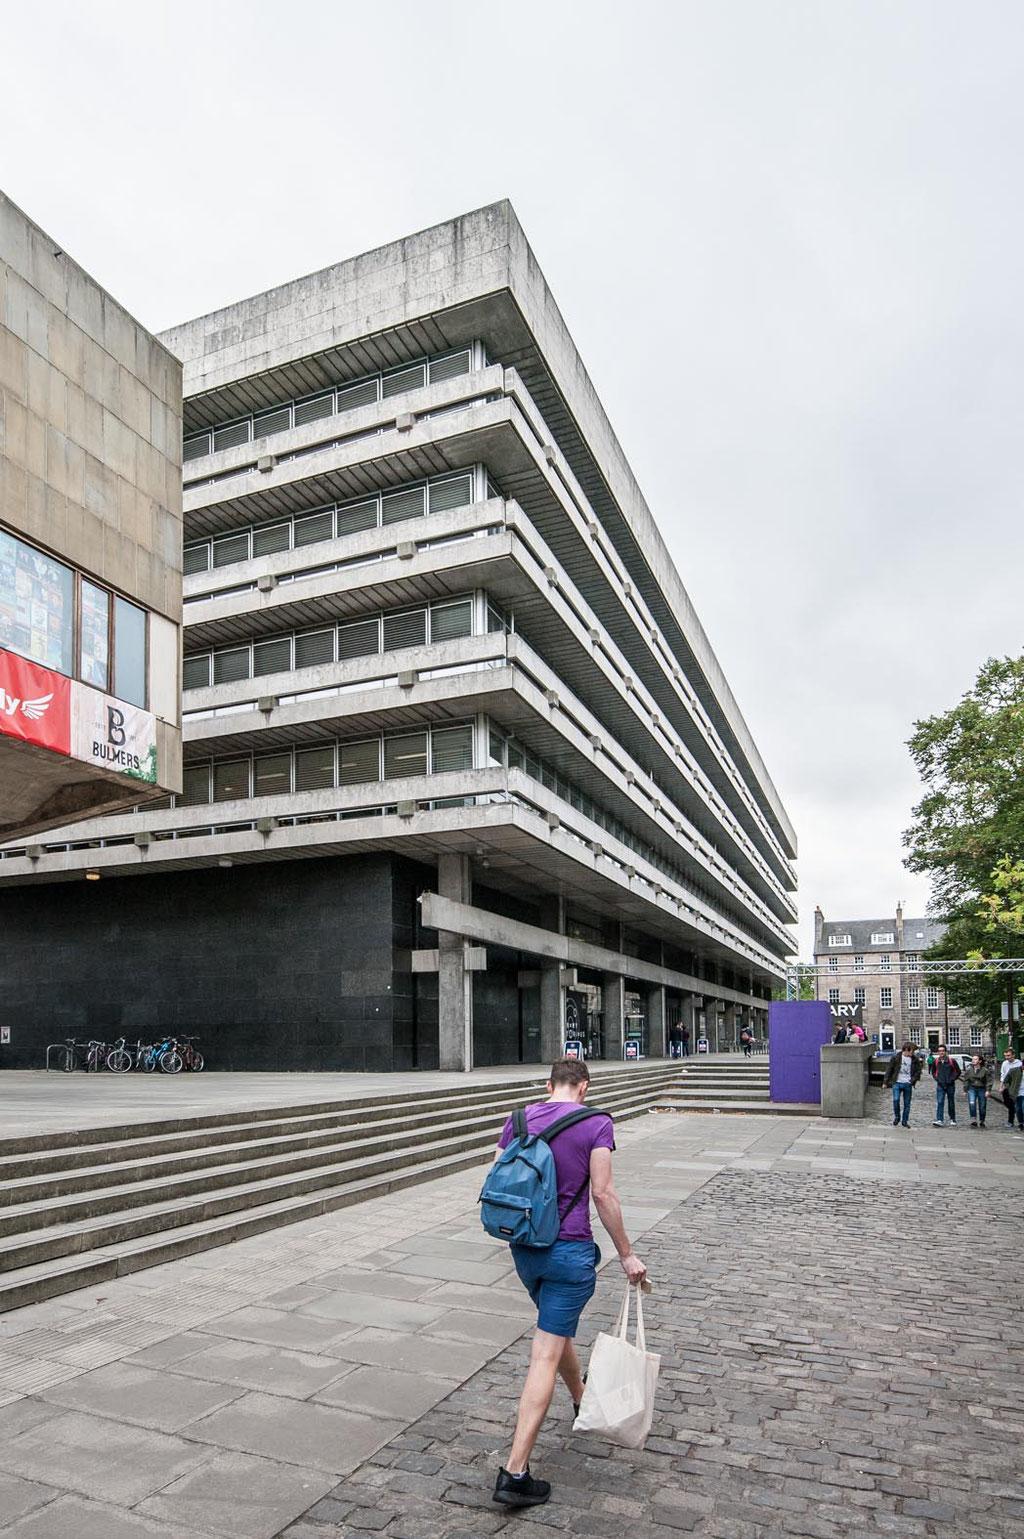 Edinburgh Main Library (Sir Basil Spence), Edinburgh (UK)